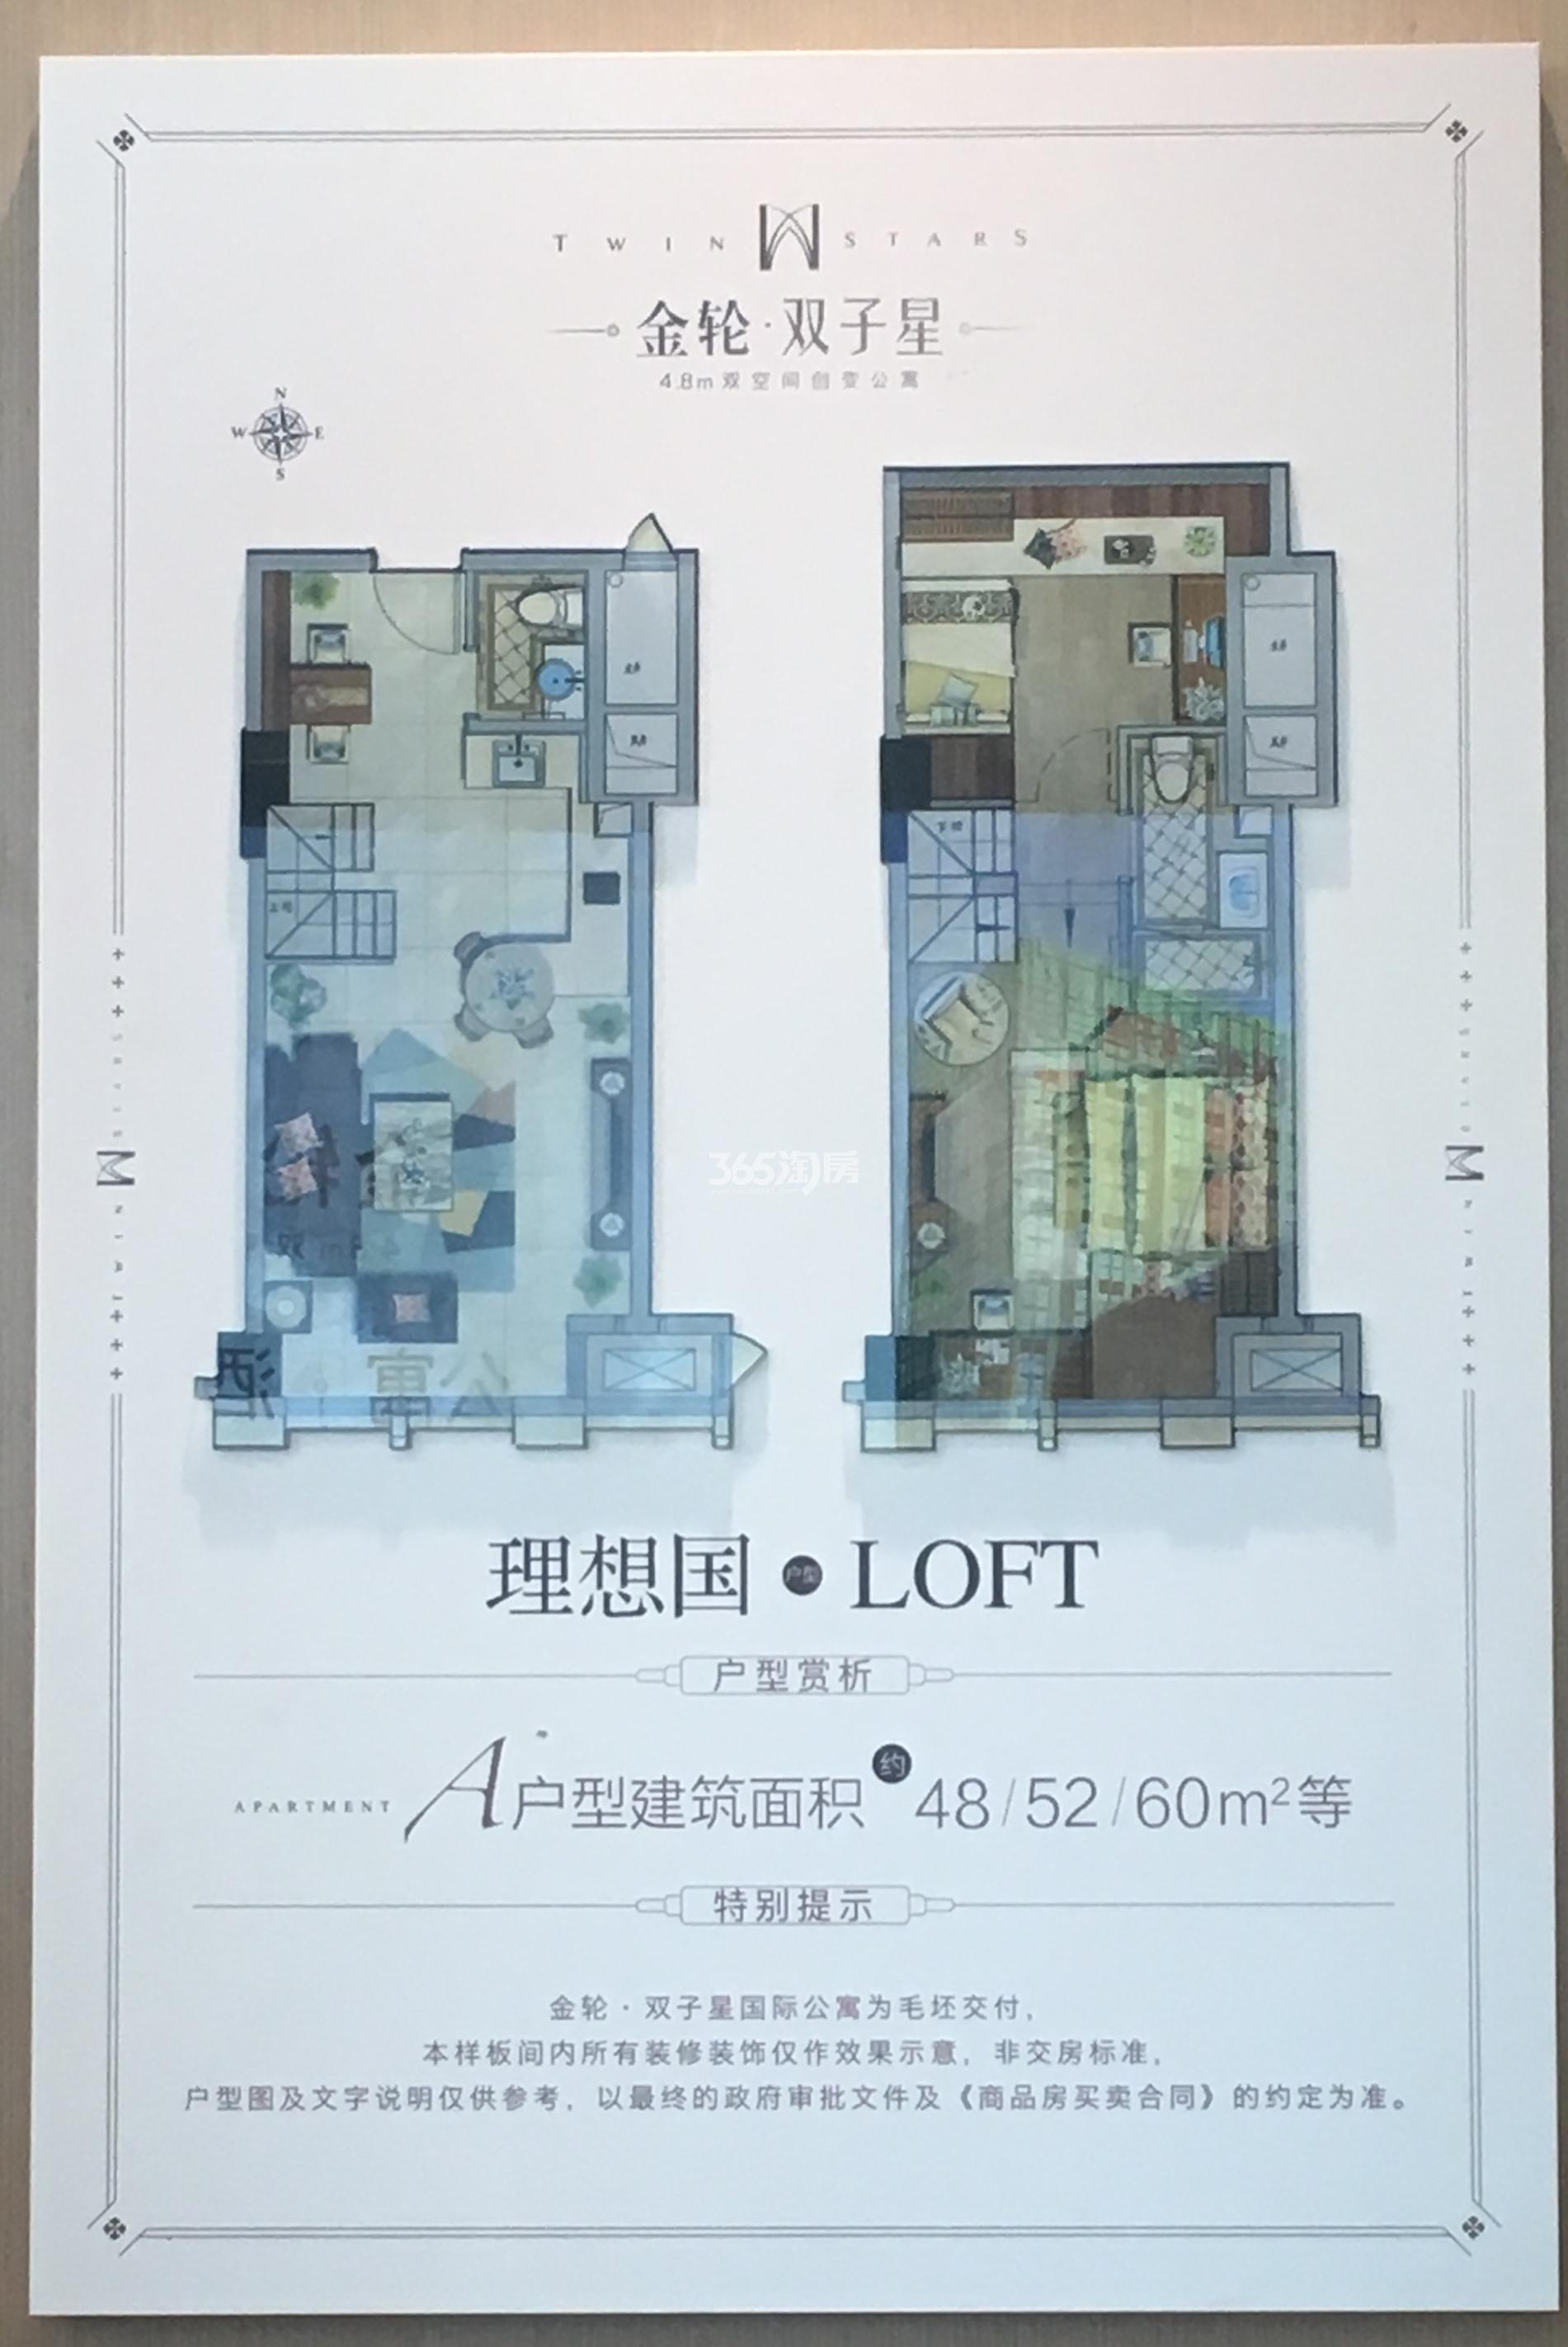 金轮双子星国际公寓48/52/60㎡A户型图